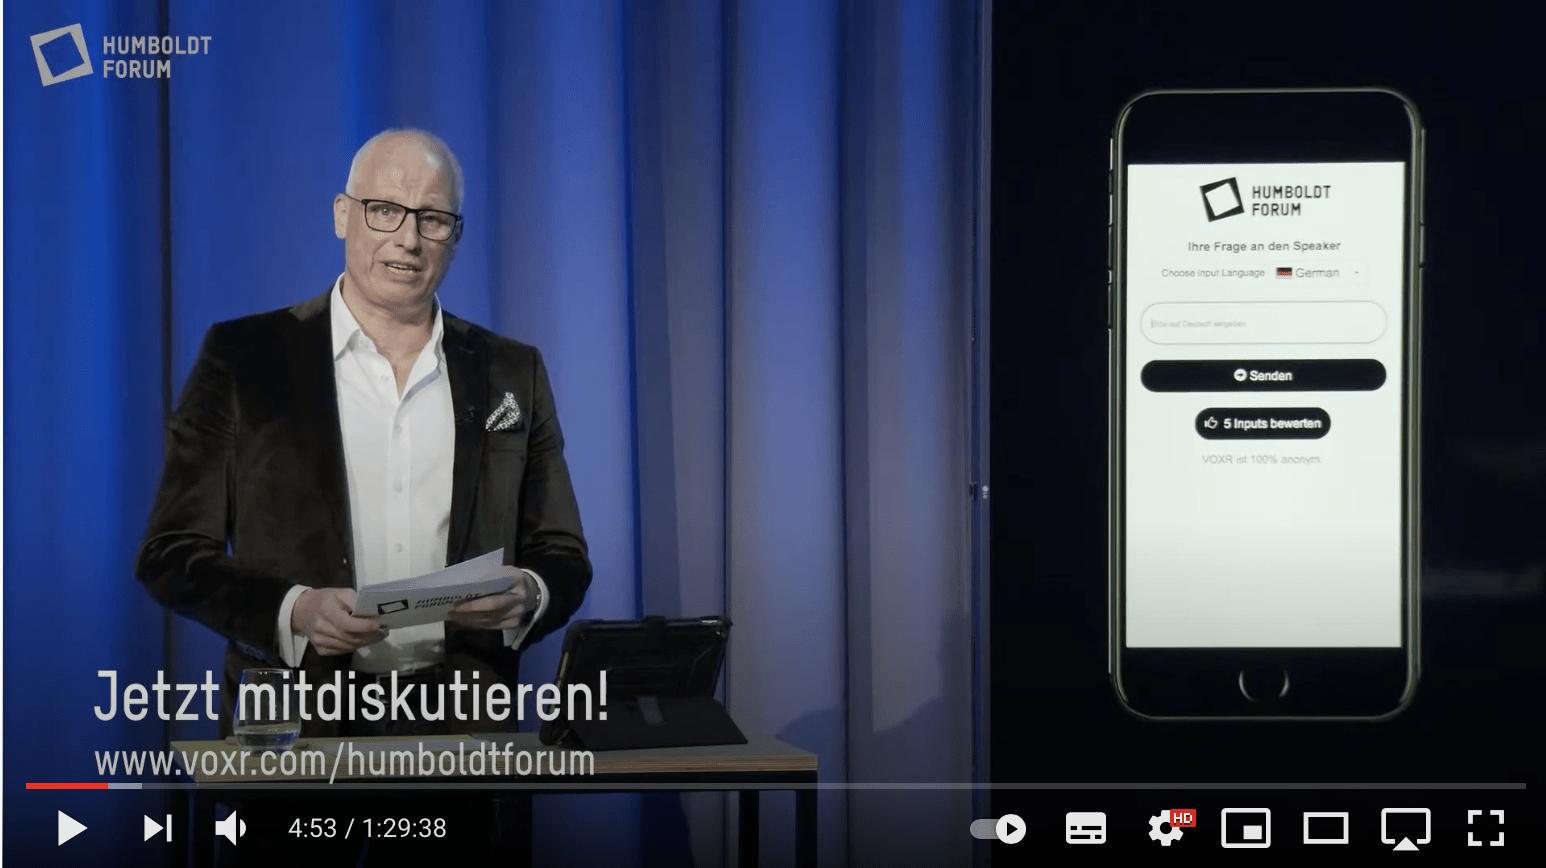 Moderator Volker Wieprecht